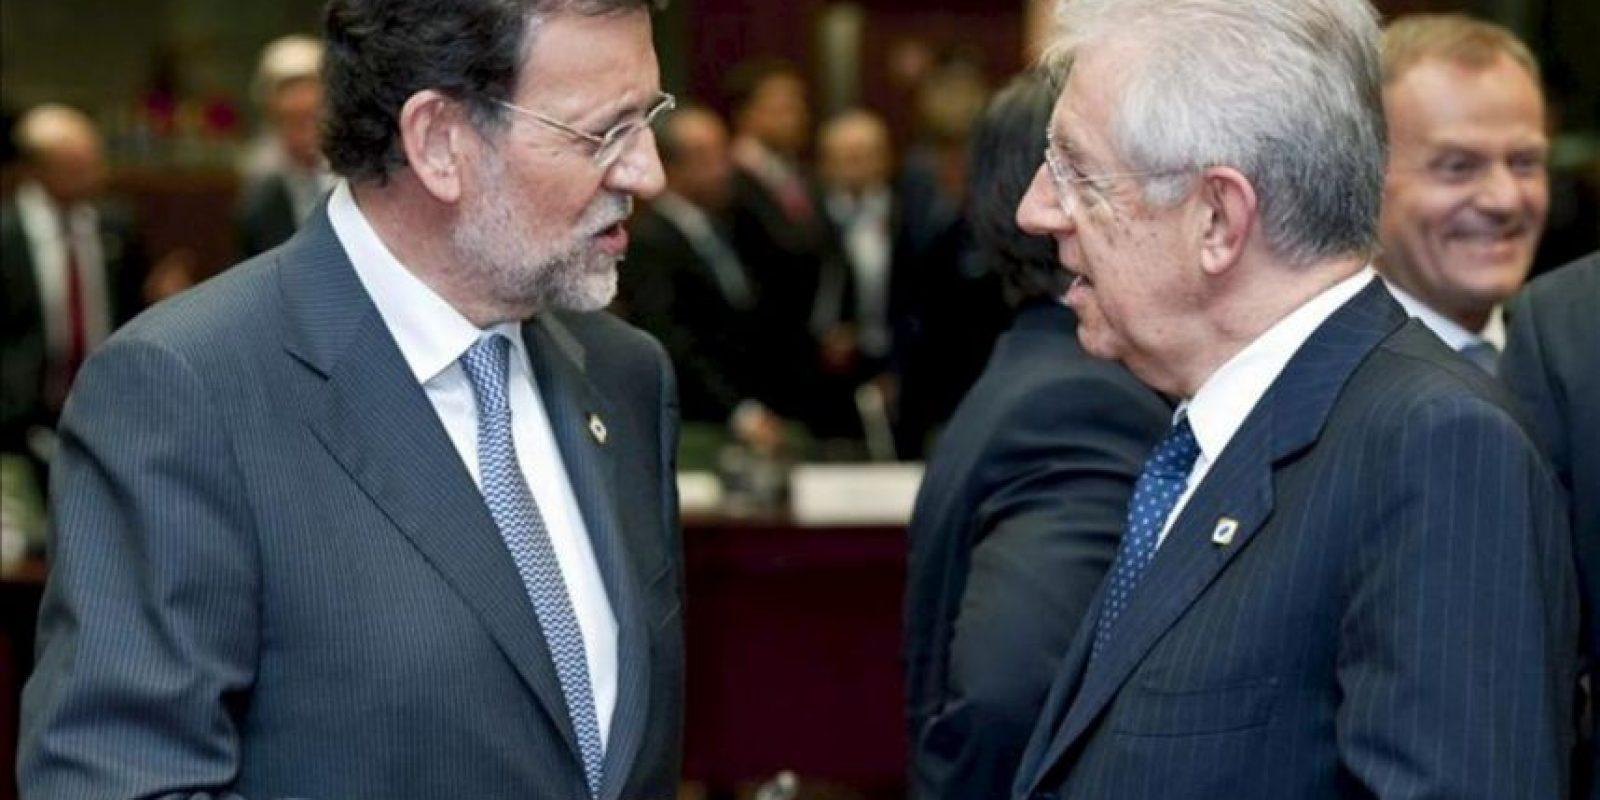 El presidente del Gobierno, Mariano Rajoy , conversa con su homólogo italiano, Mario Monti. EFE